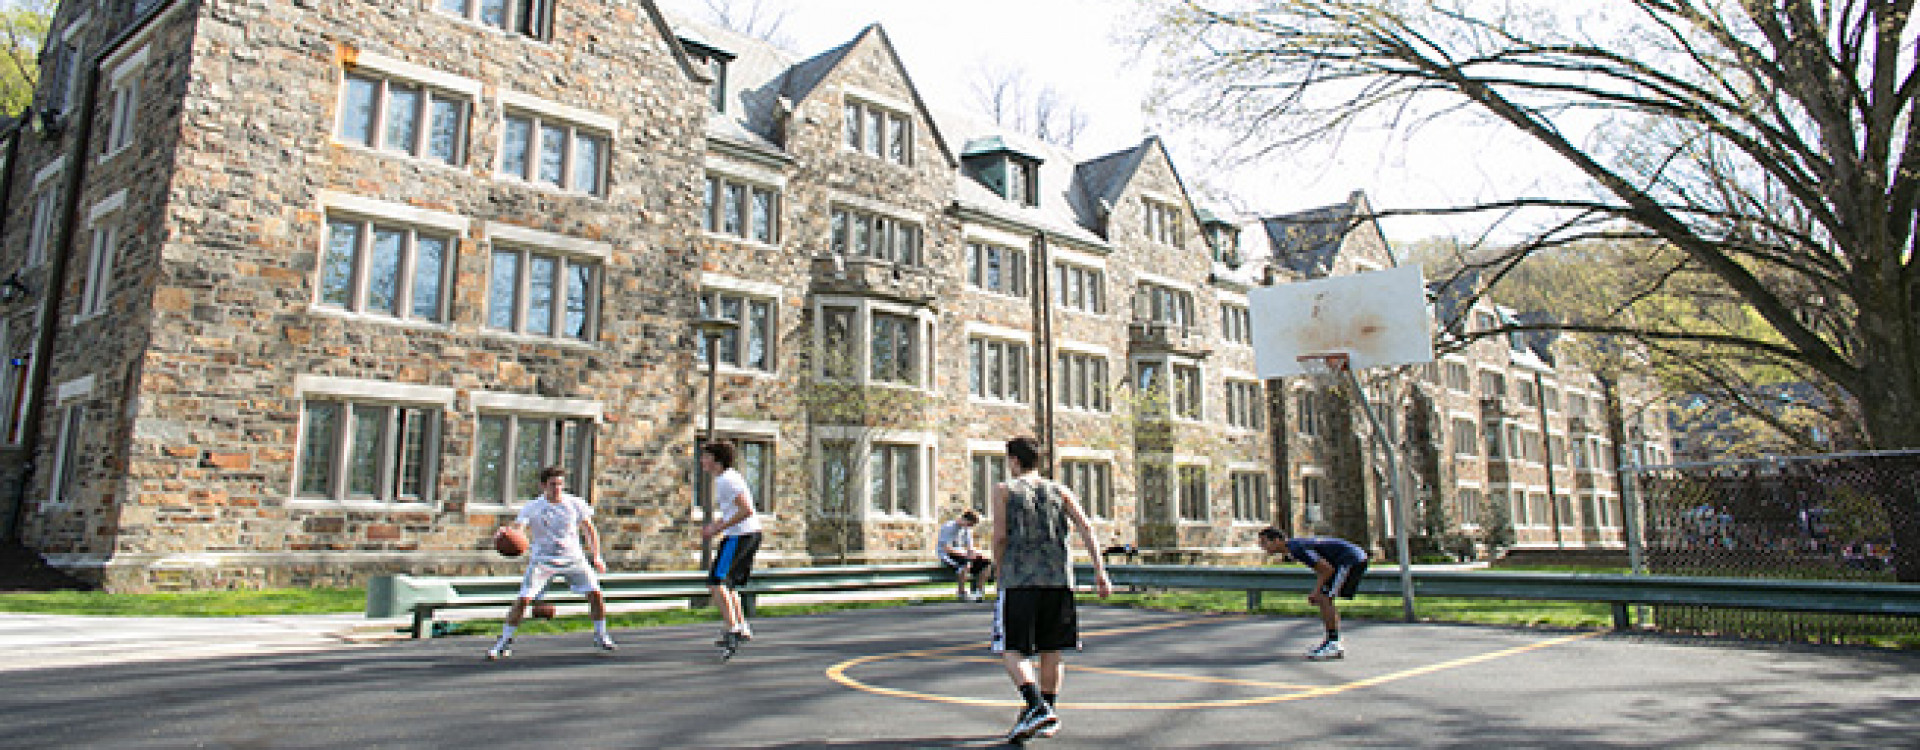 Lehigh Residence Hall and students playing basketball